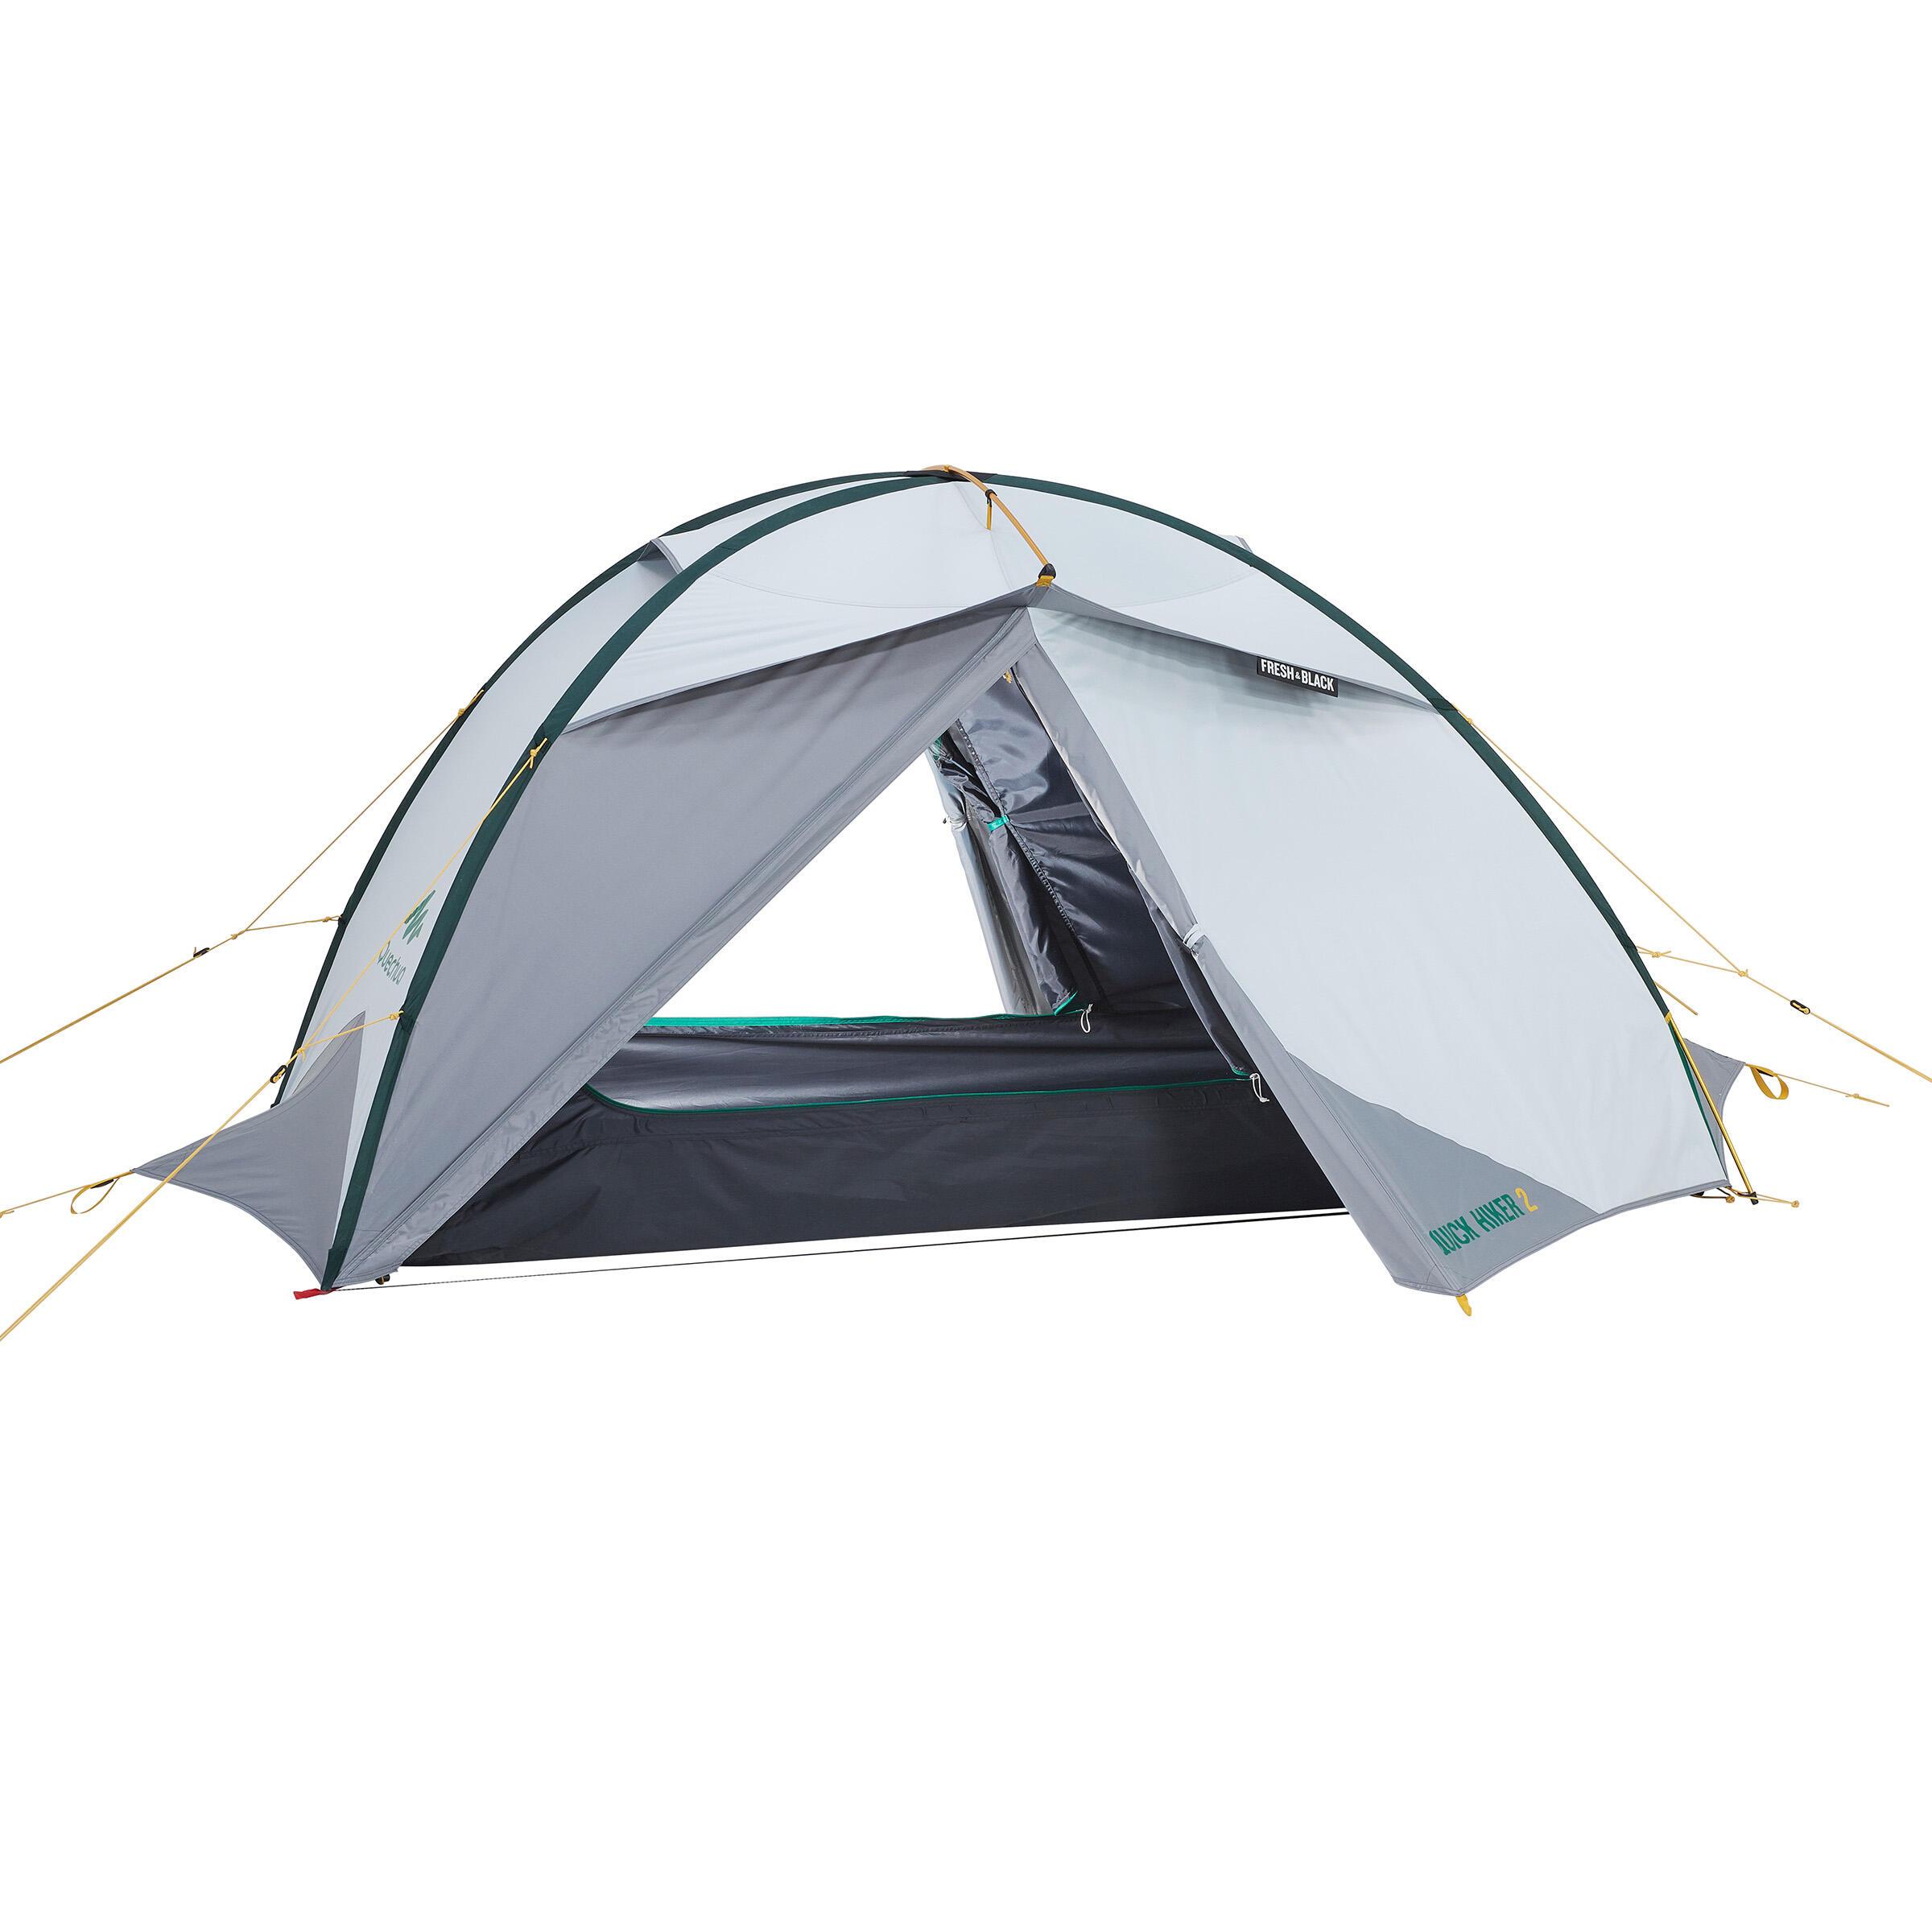 Quechua Tent | 2 Persoons | Grijs | Quickhiker Fresh & Black